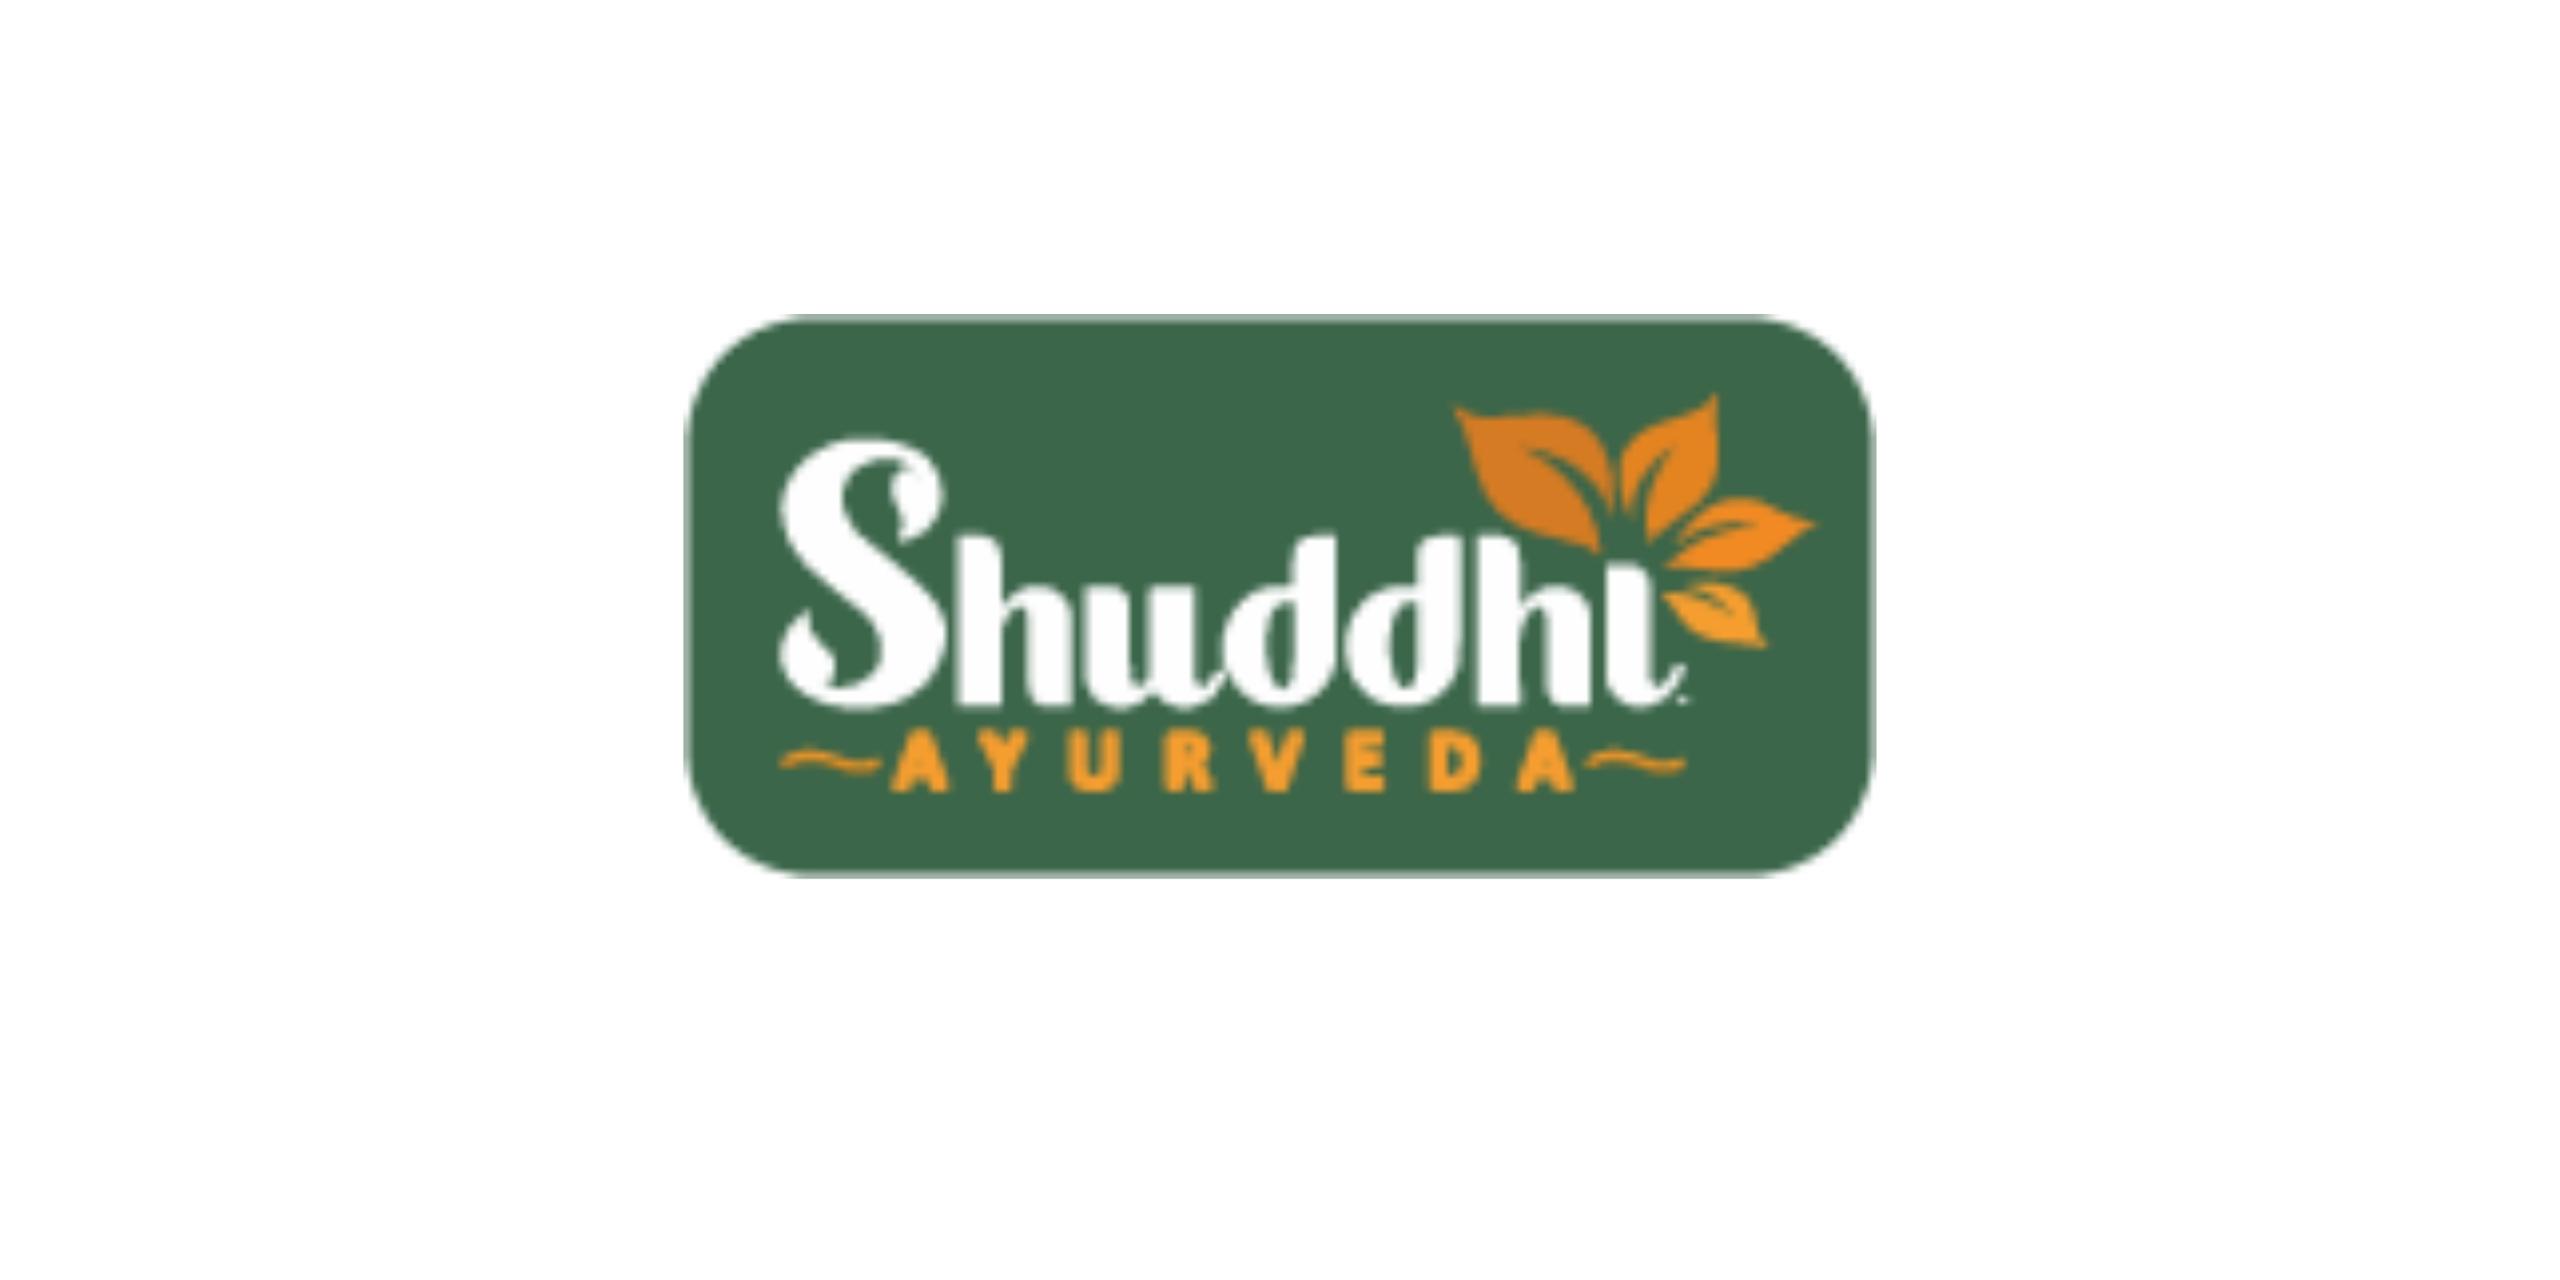 shuddhiaDiabetes (@shuddhiadiabetes) Cover Image